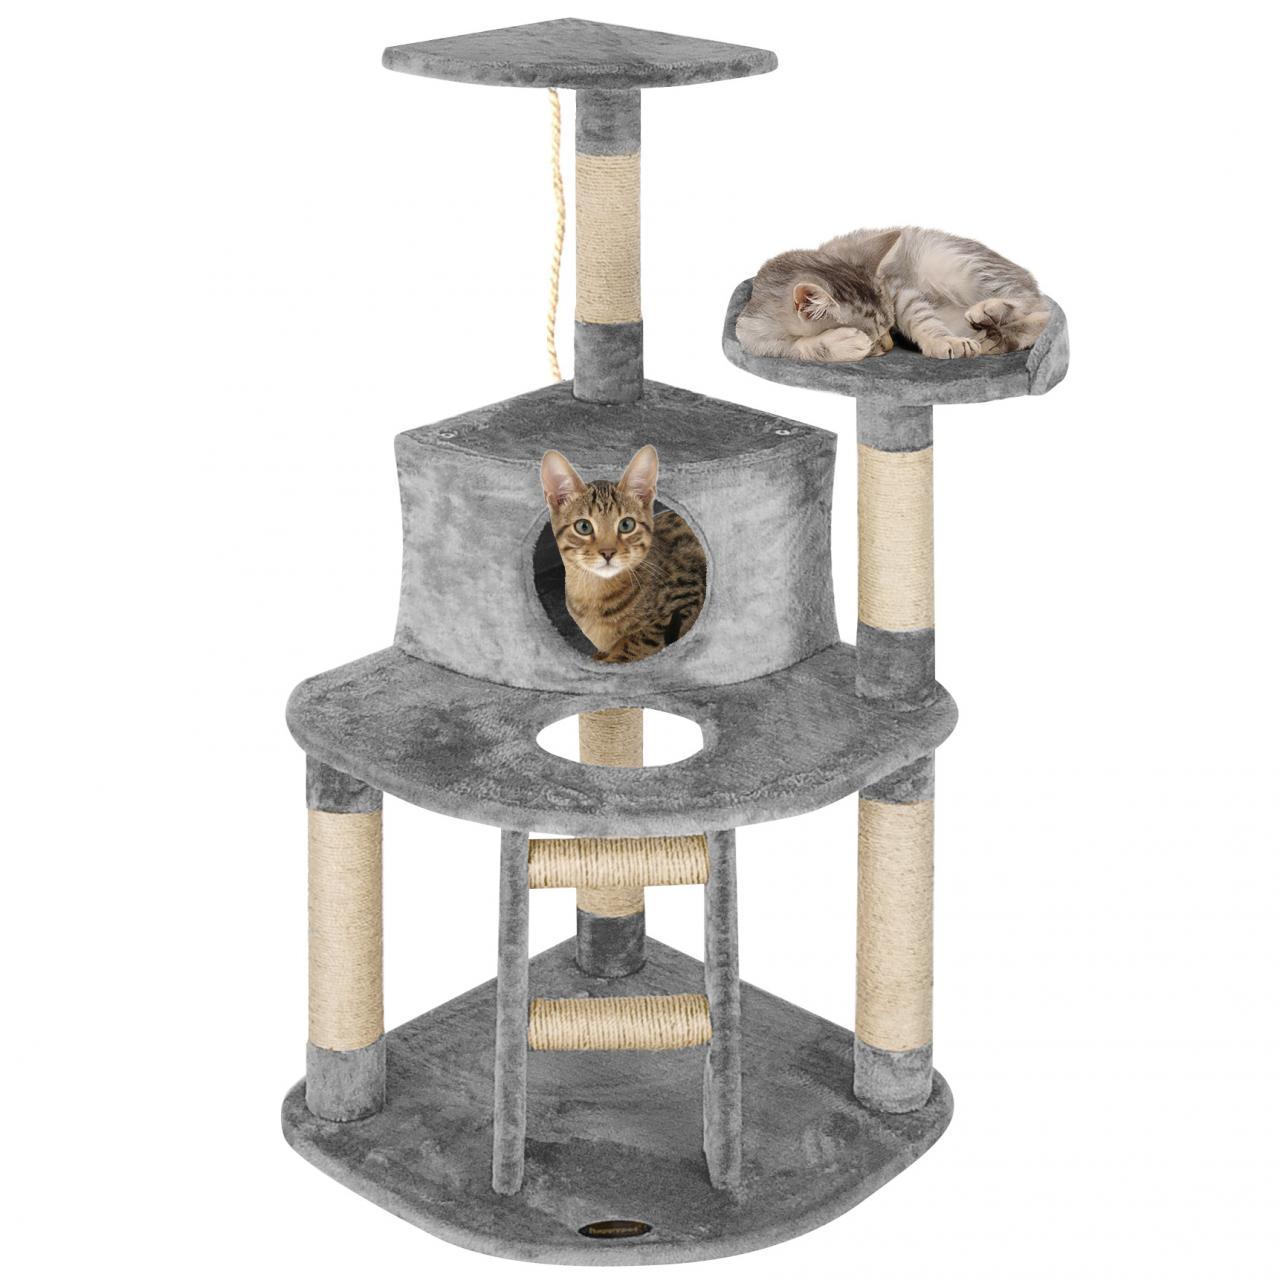 happypet kratzbaum cat007 2 katzenkratzbaum katzenbaum katzen mittelgross ebay. Black Bedroom Furniture Sets. Home Design Ideas